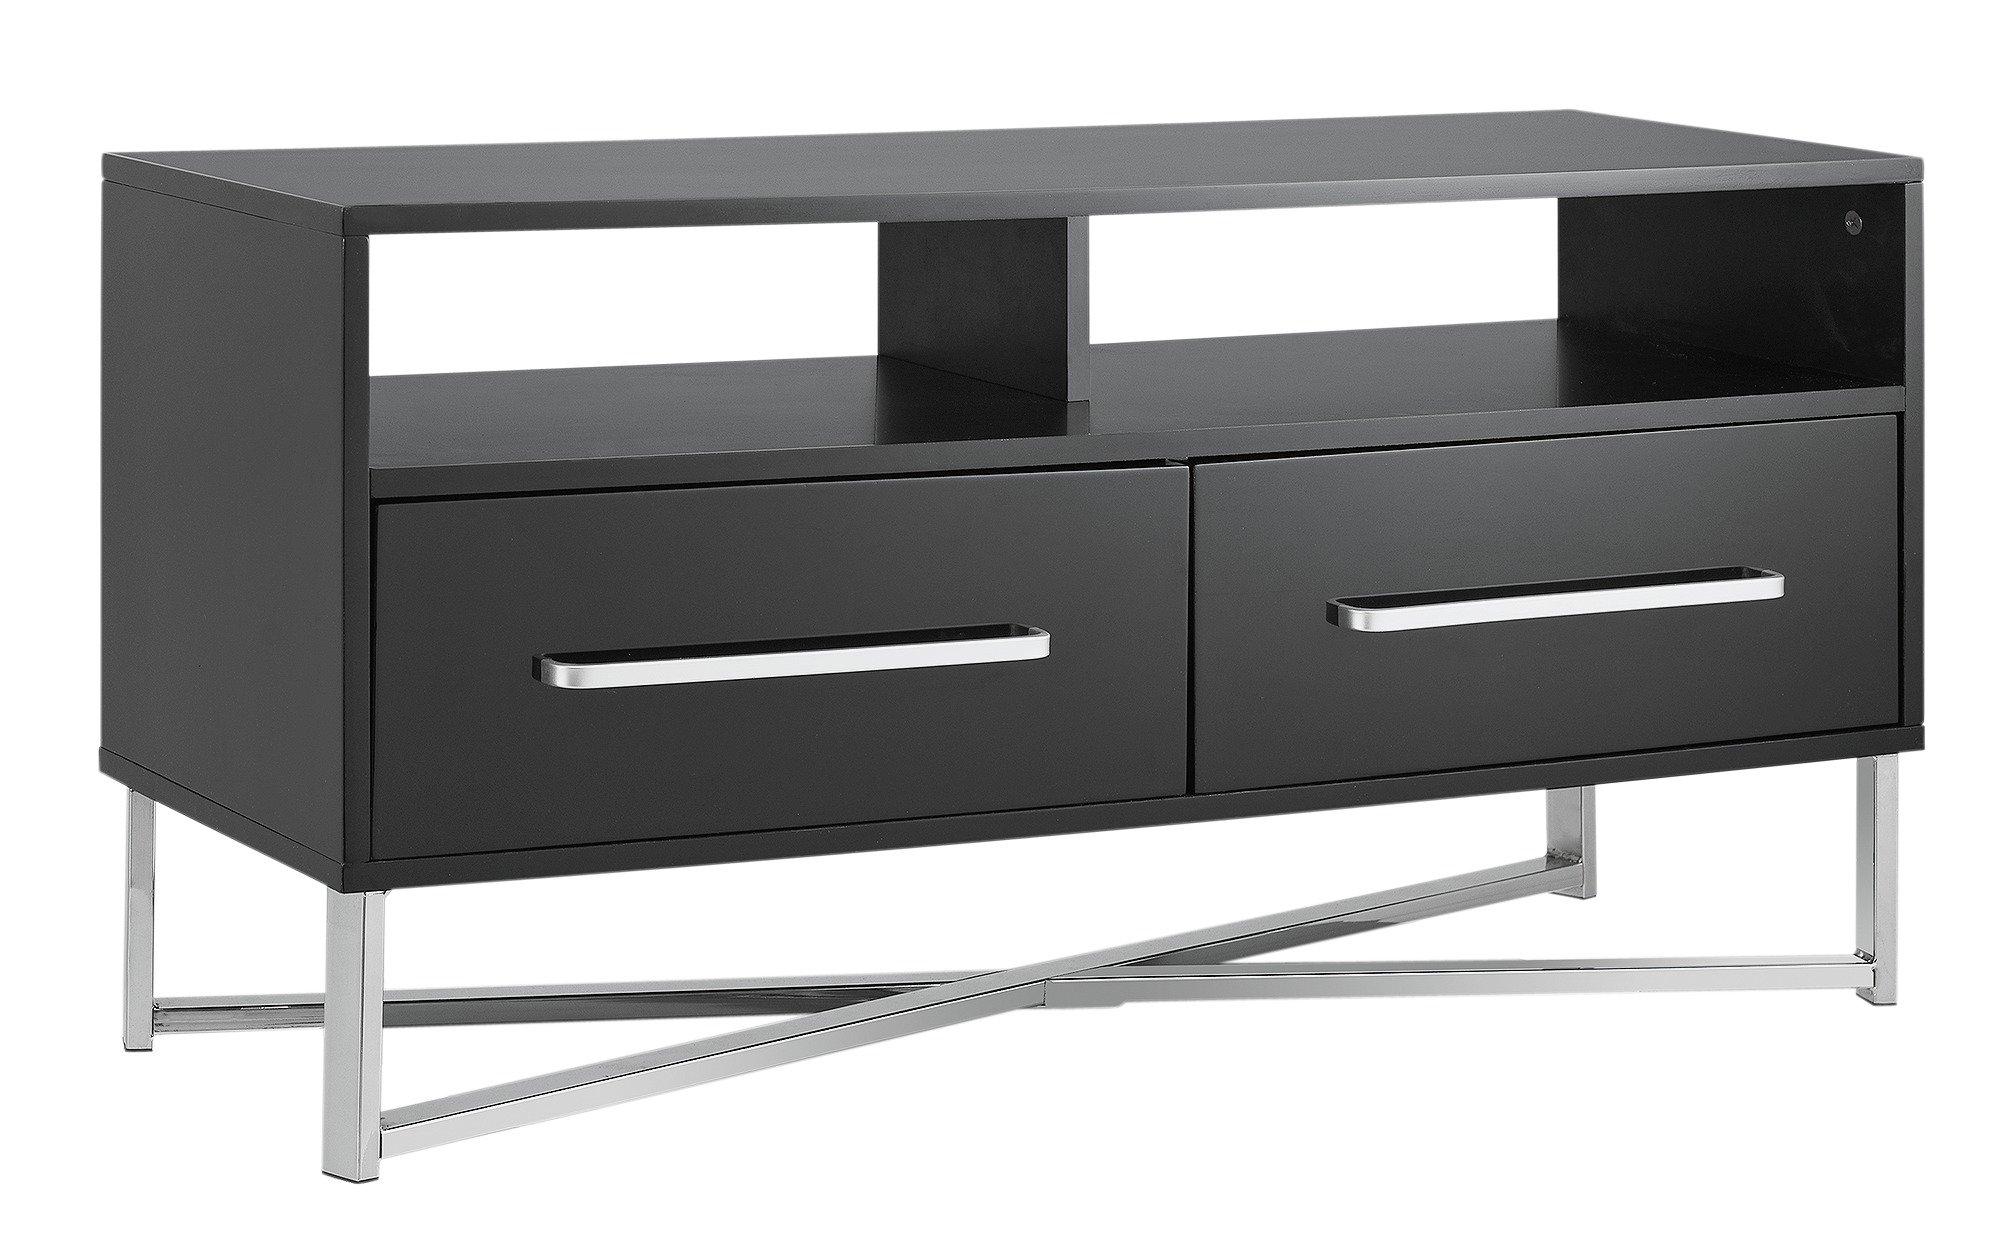 Argos Home Fitz TV Unit - Black